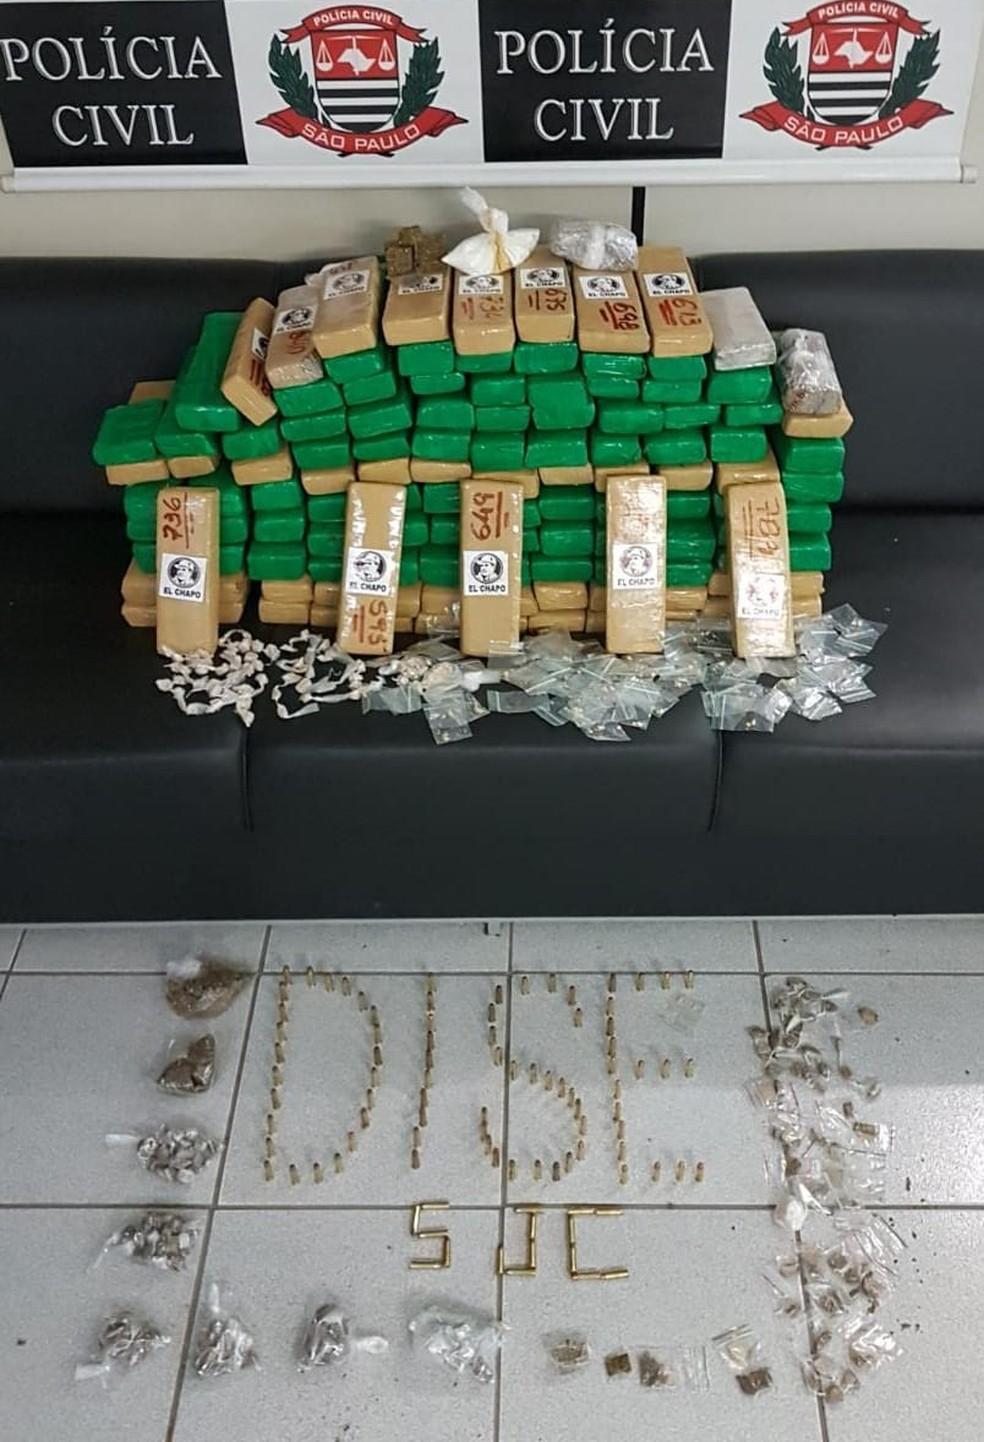 Droga foi apreendida em casa na zona leste — Foto: Divulgação/Polícia Civil